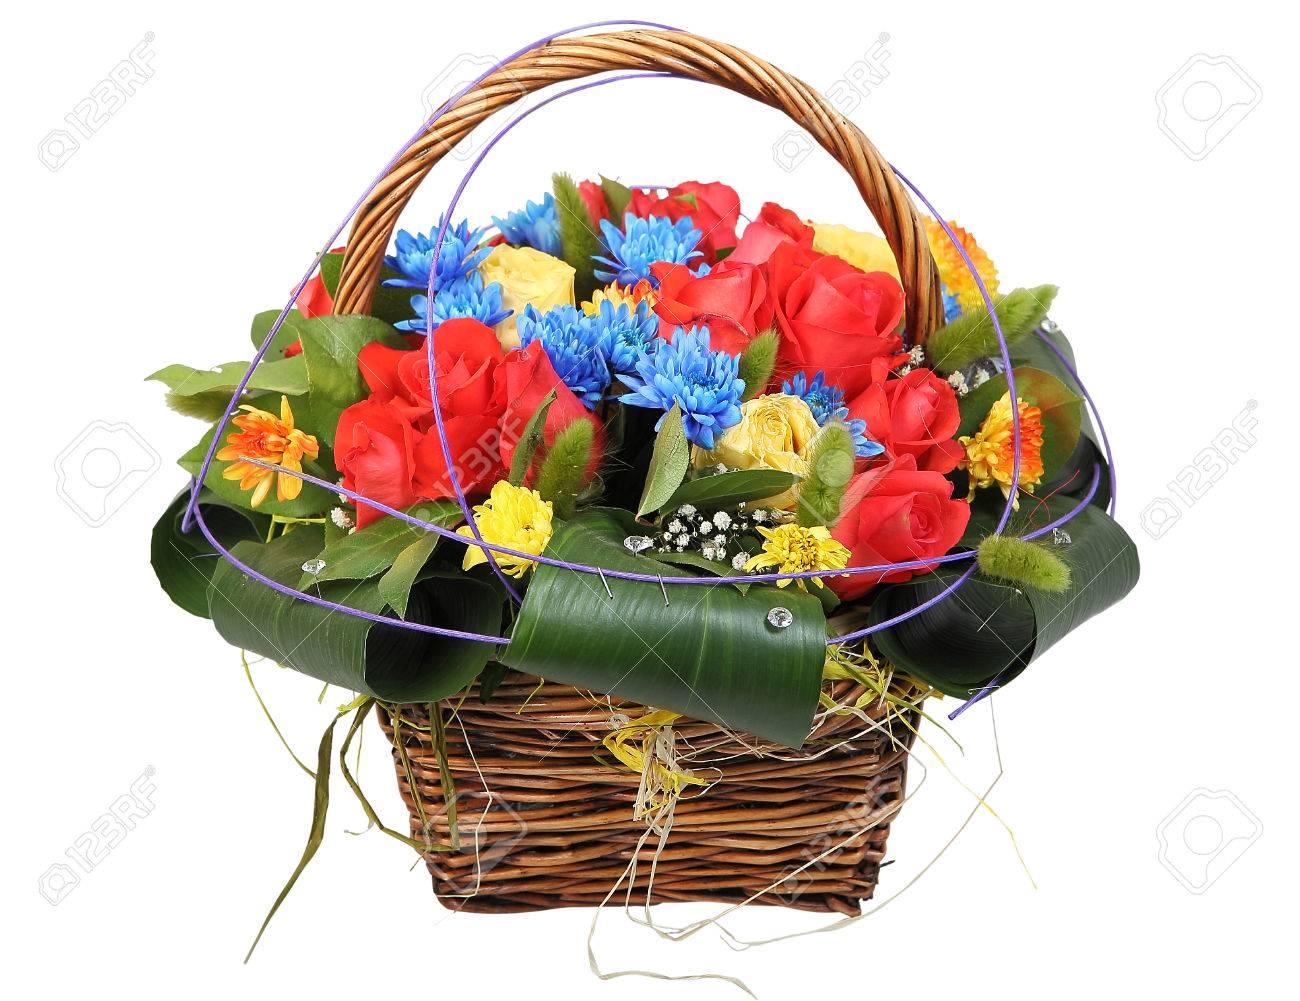 Bouquet of flowers in a wicker basket floral arrangement with bouquet of flowers in a wicker basket floral arrangement with red and yellow roses mightylinksfo